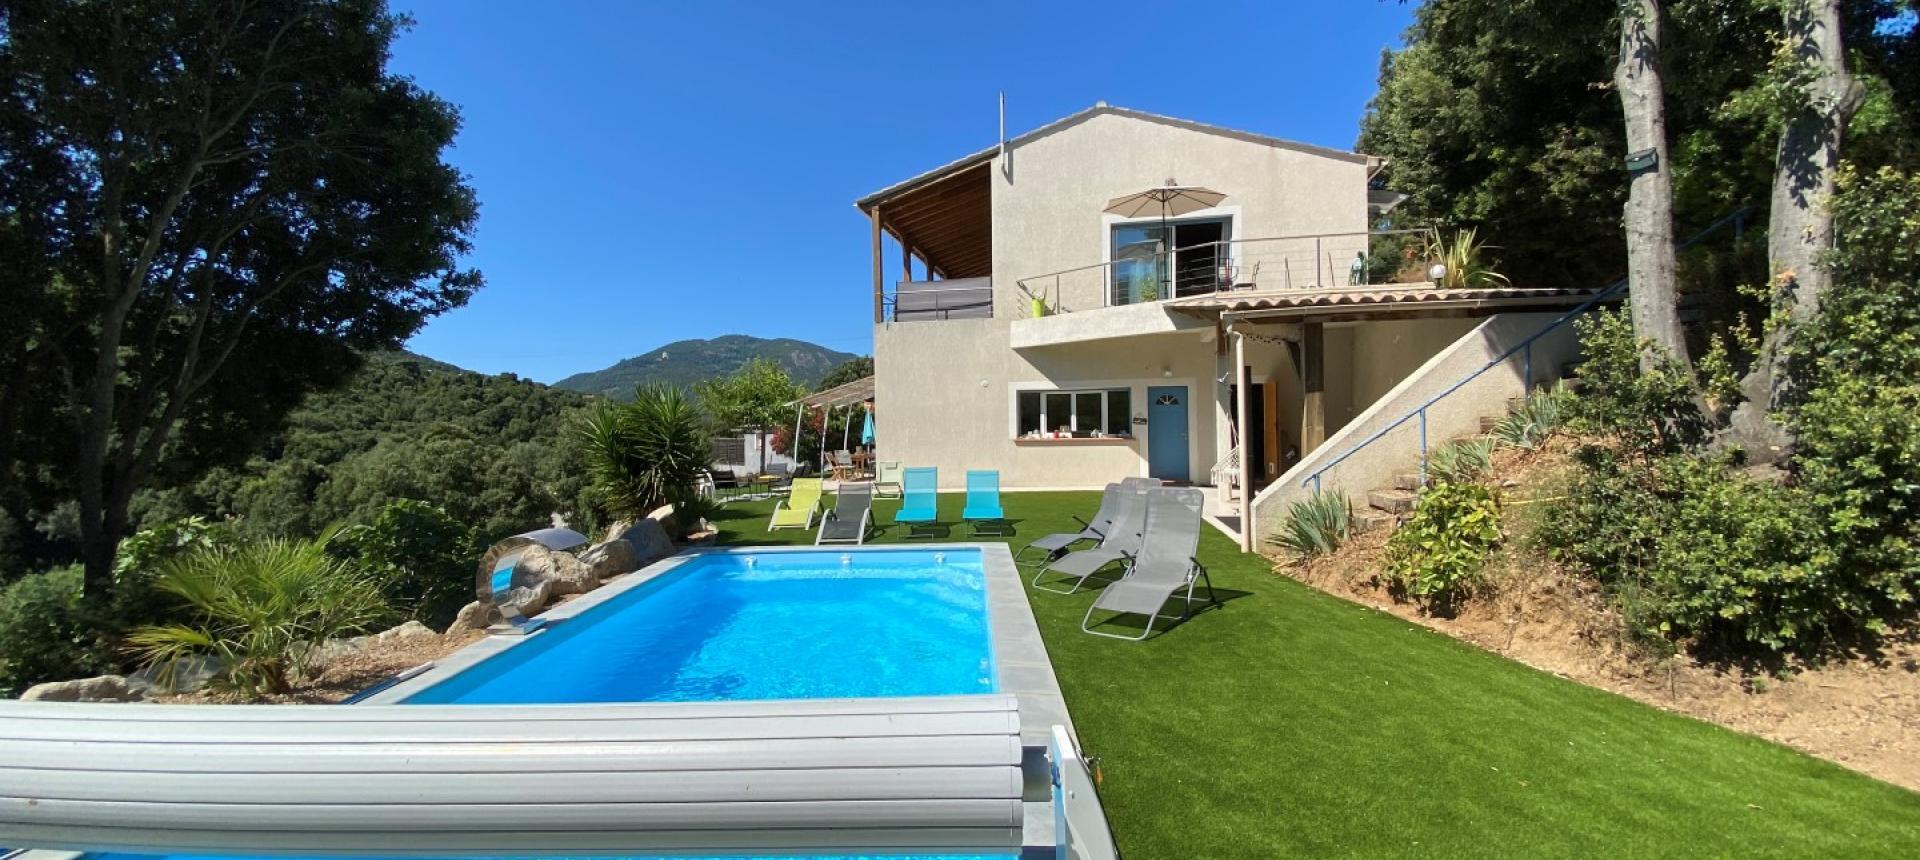 Villa à vendre proche Ajaccio - San Benedetto - Vue piscine